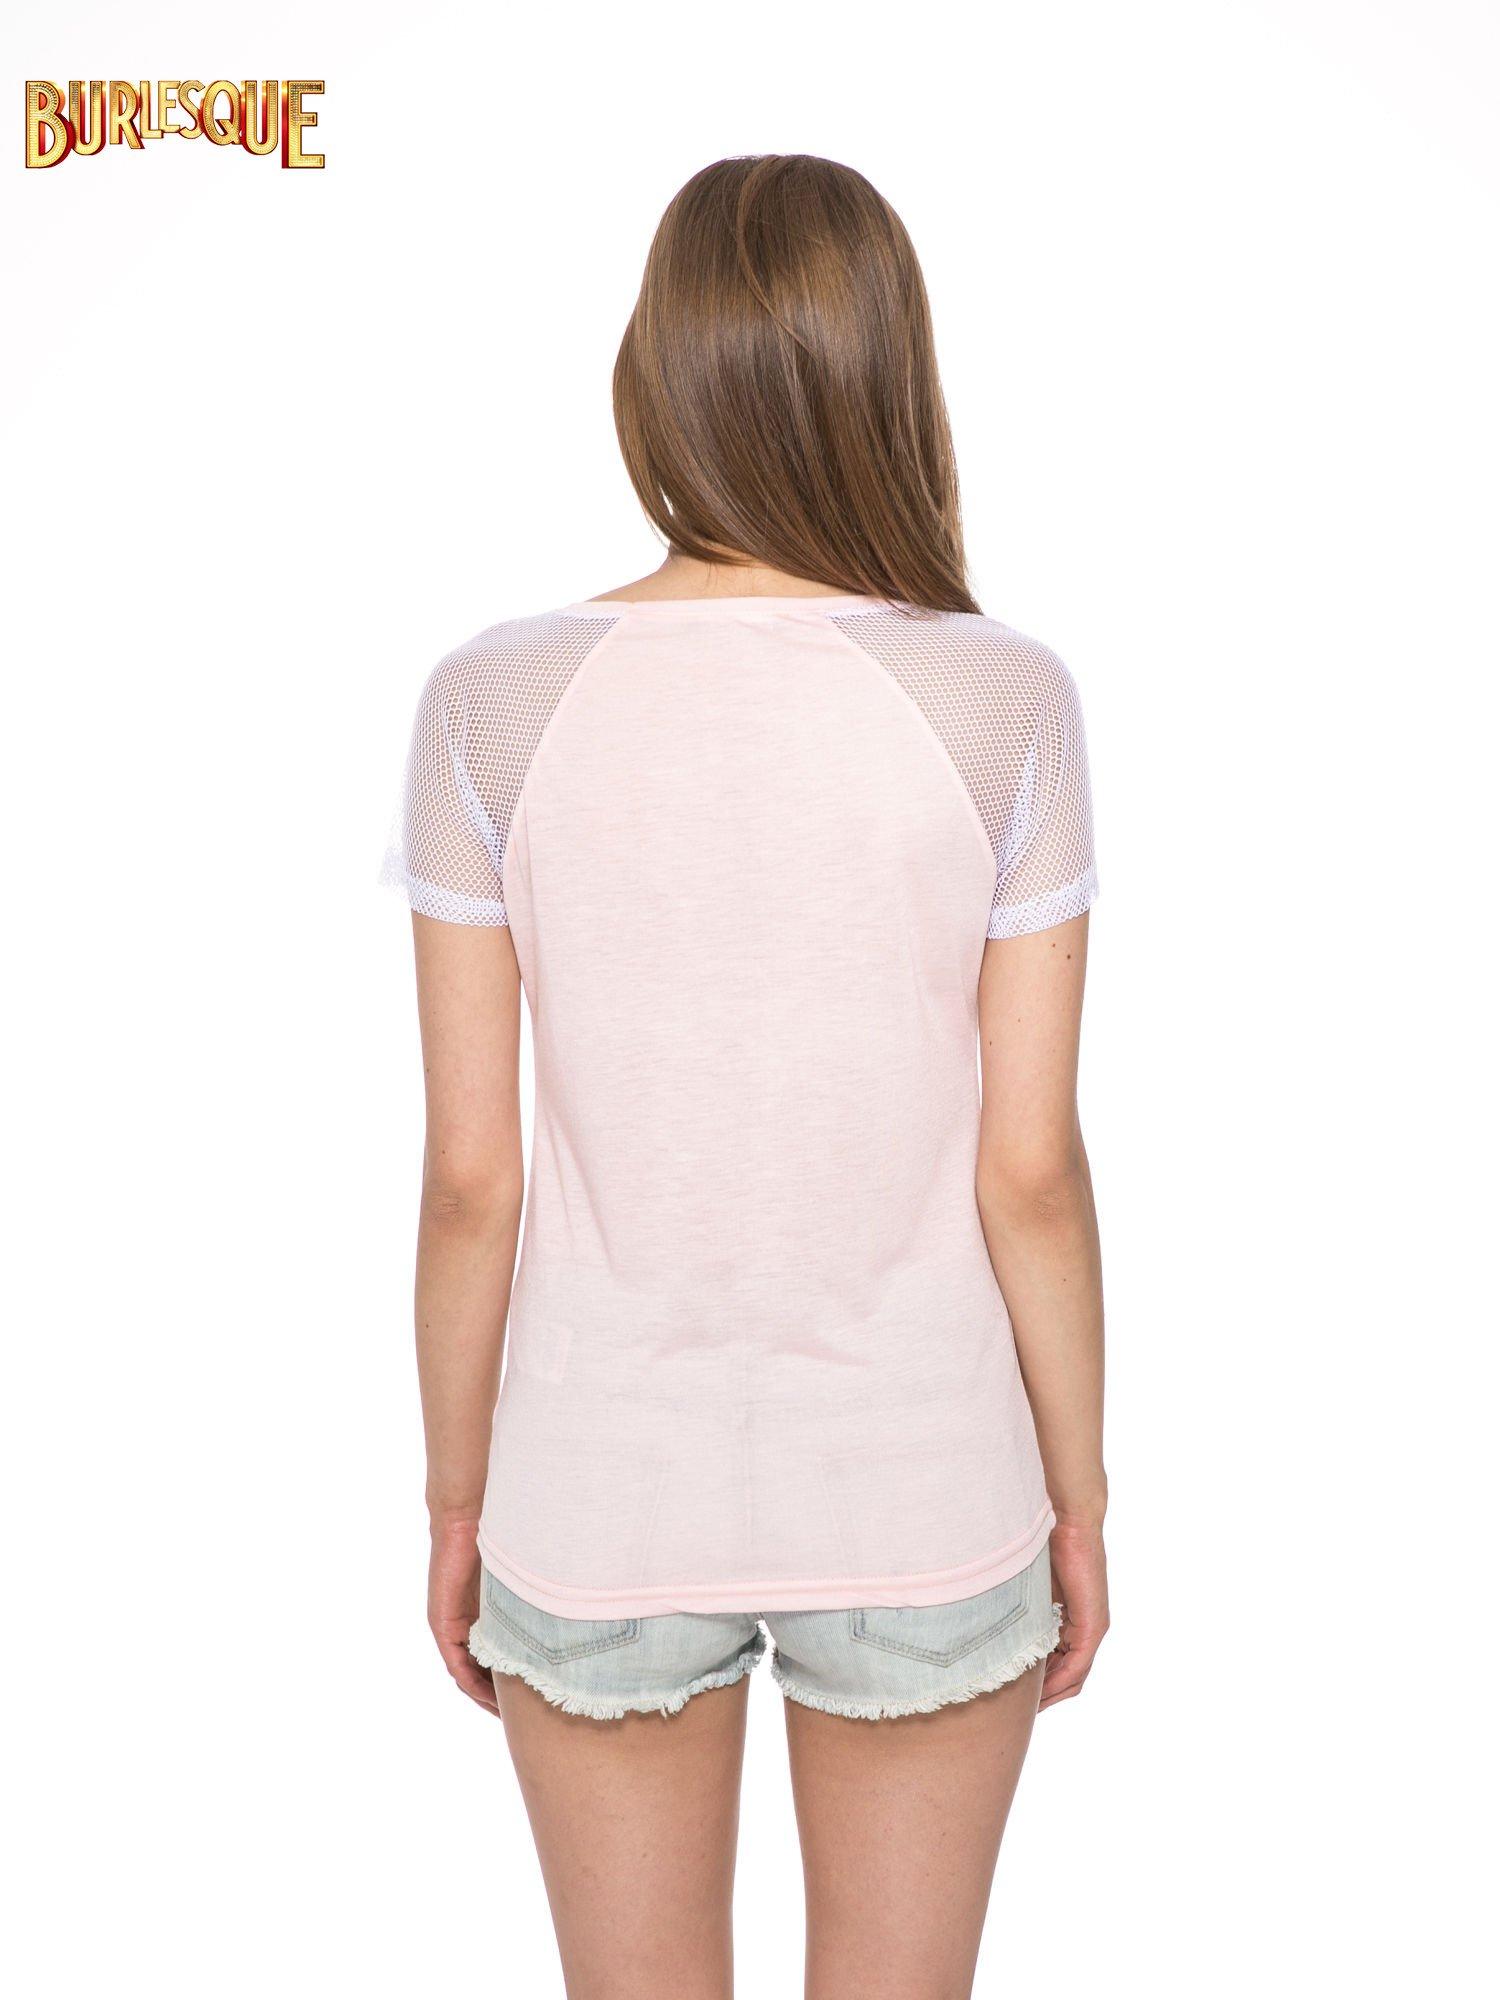 Jasnoróżowy t-shirt z napisem i siateczkowymi rękawami                                  zdj.                                  4